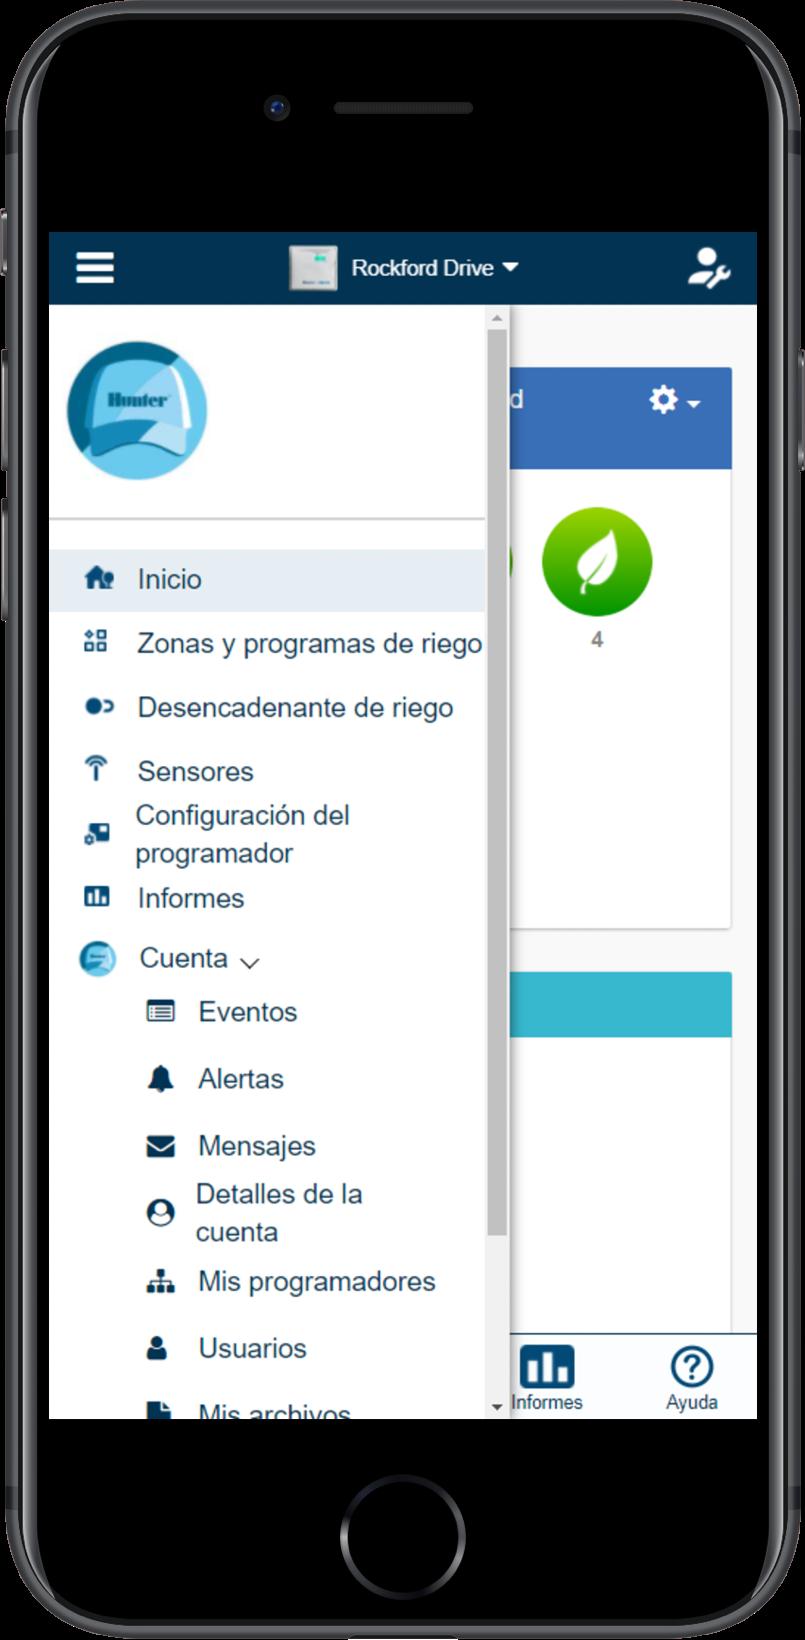 basic_app_navigation_6_en-us.png